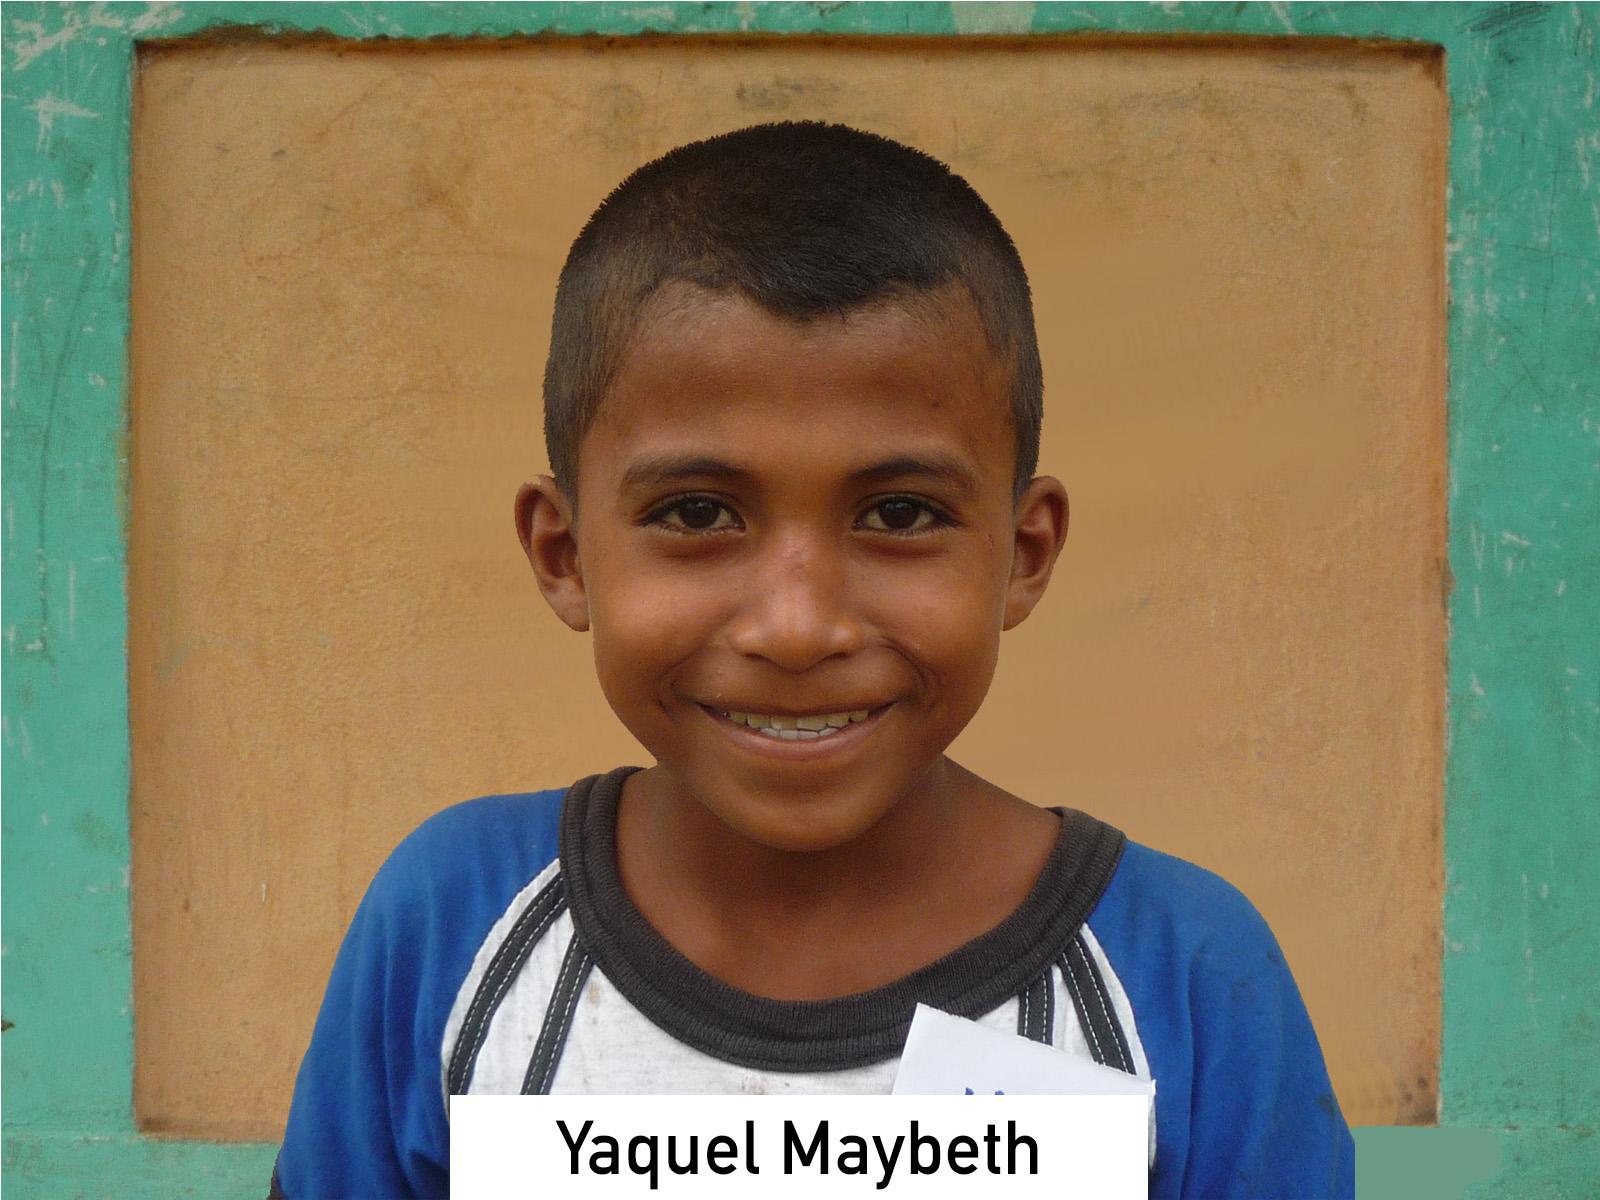 043 - Yaquel Maybeth.jpg